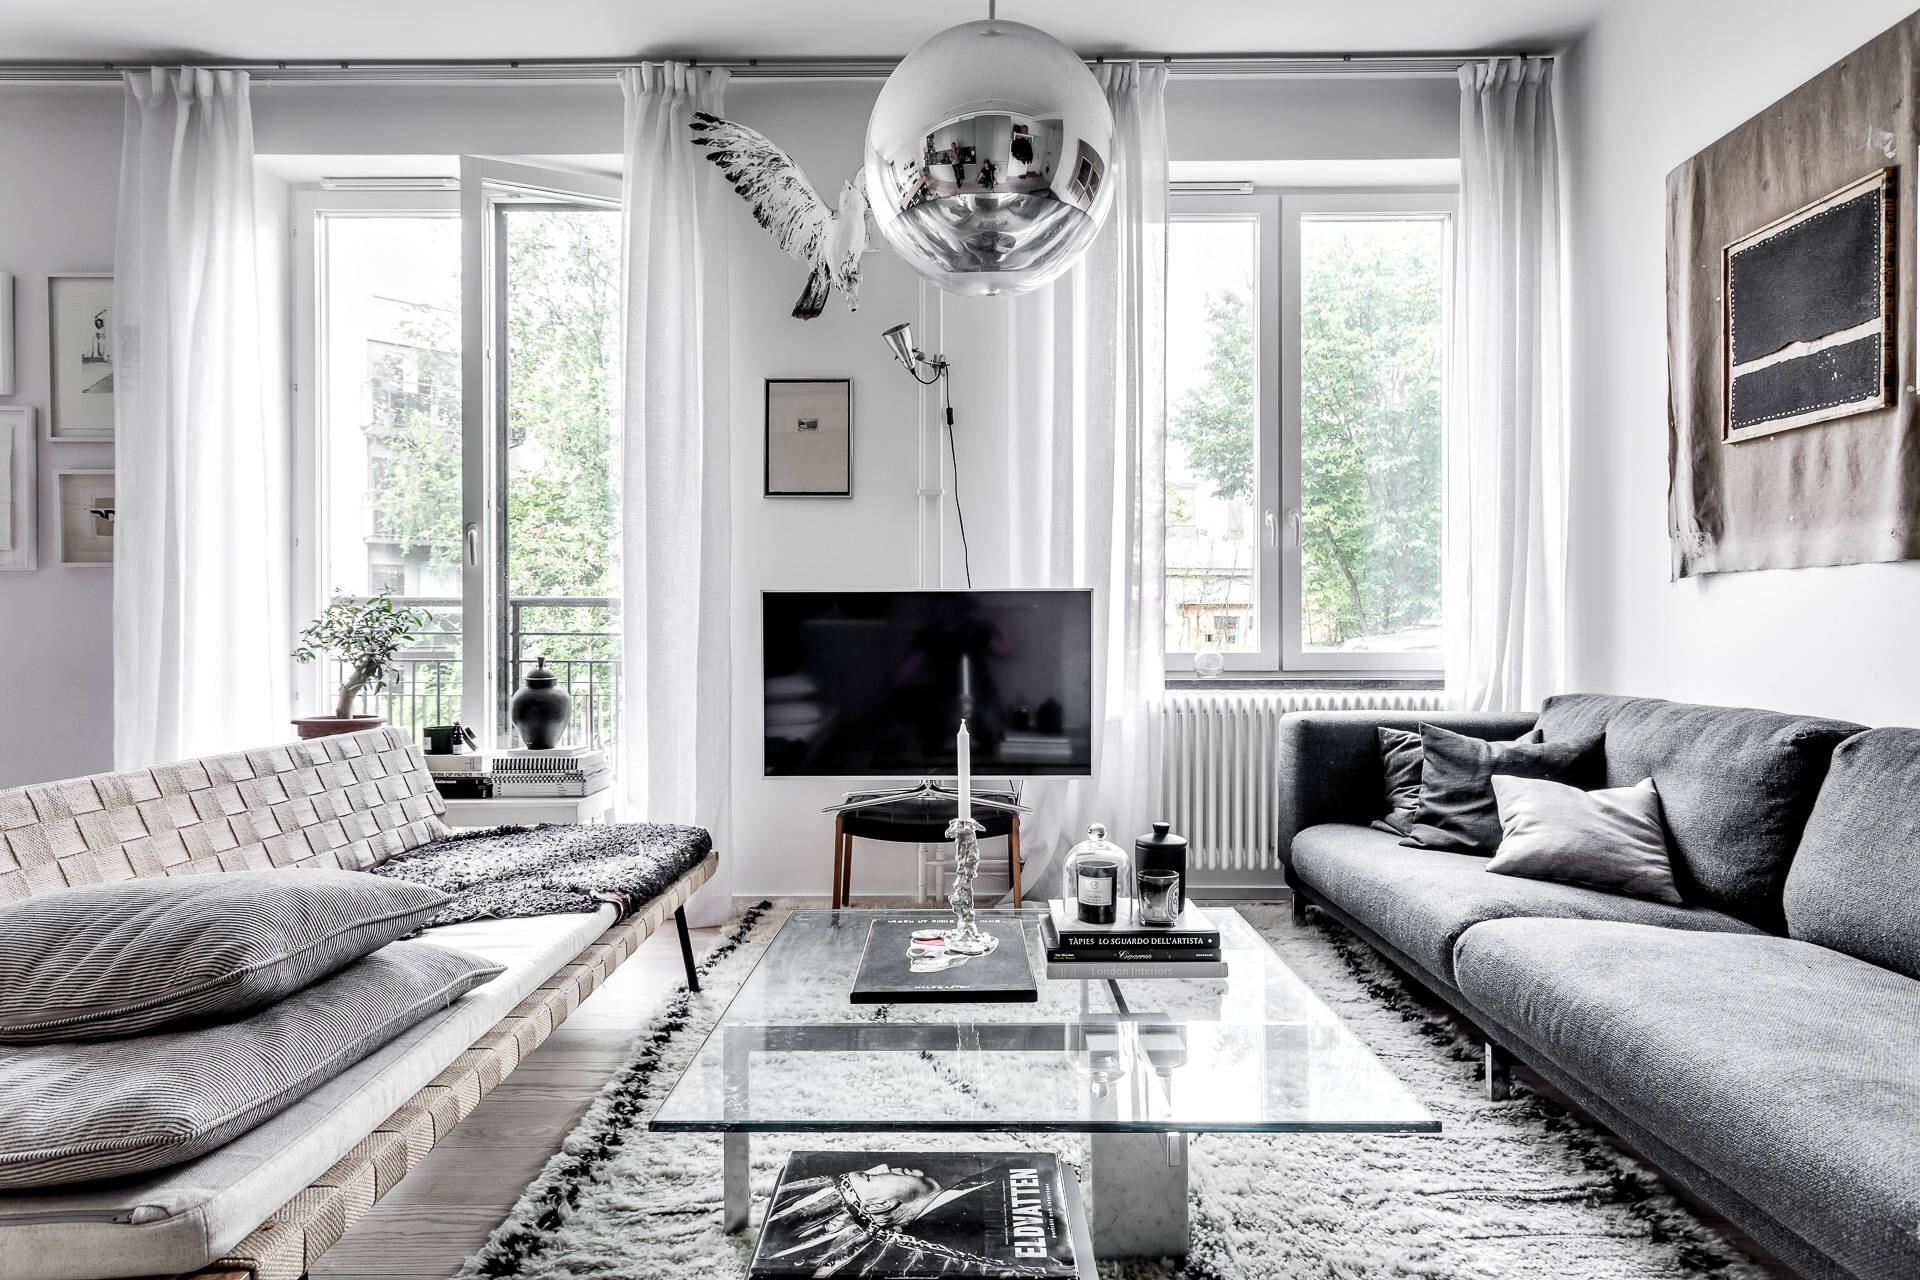 гостиная французские окна белые стены диван телевизор стеклянный стол